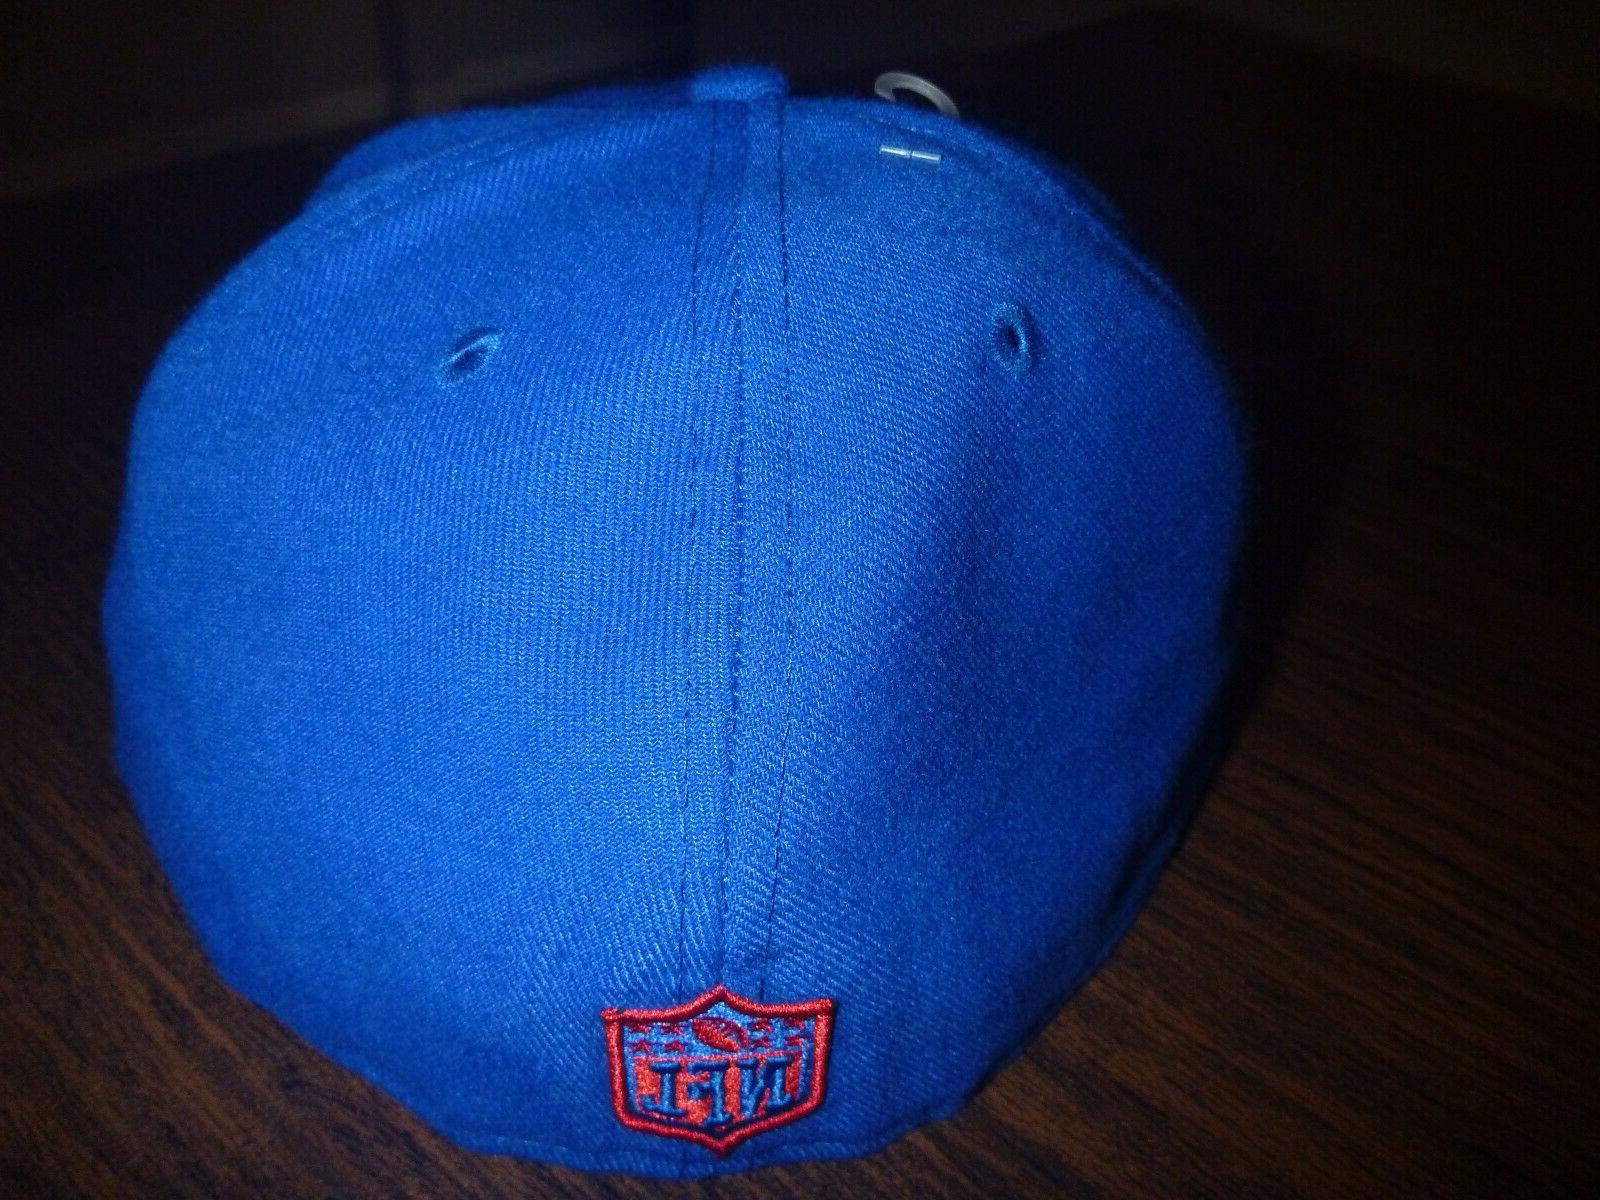 BUFFALO 59FIFTY FIELD TEAM HAT 7